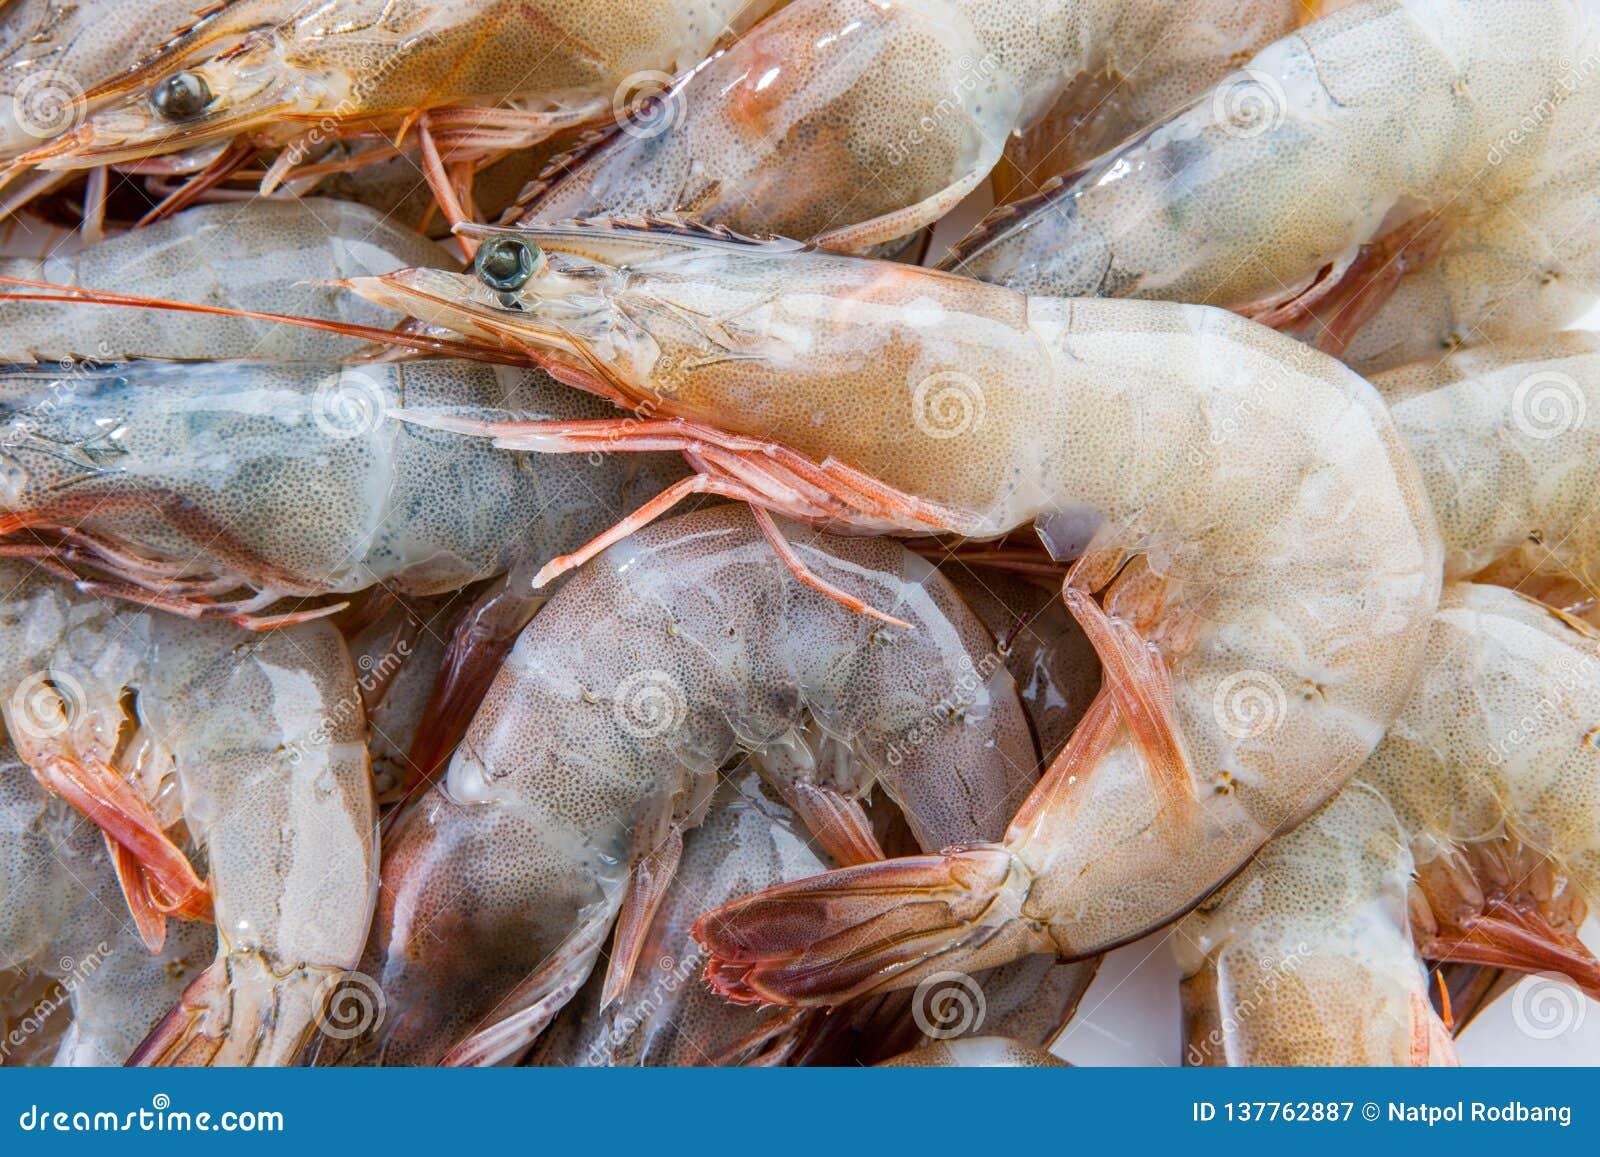 小组新鲜的虾大虾海鲜红色皮肤大虾vannamei